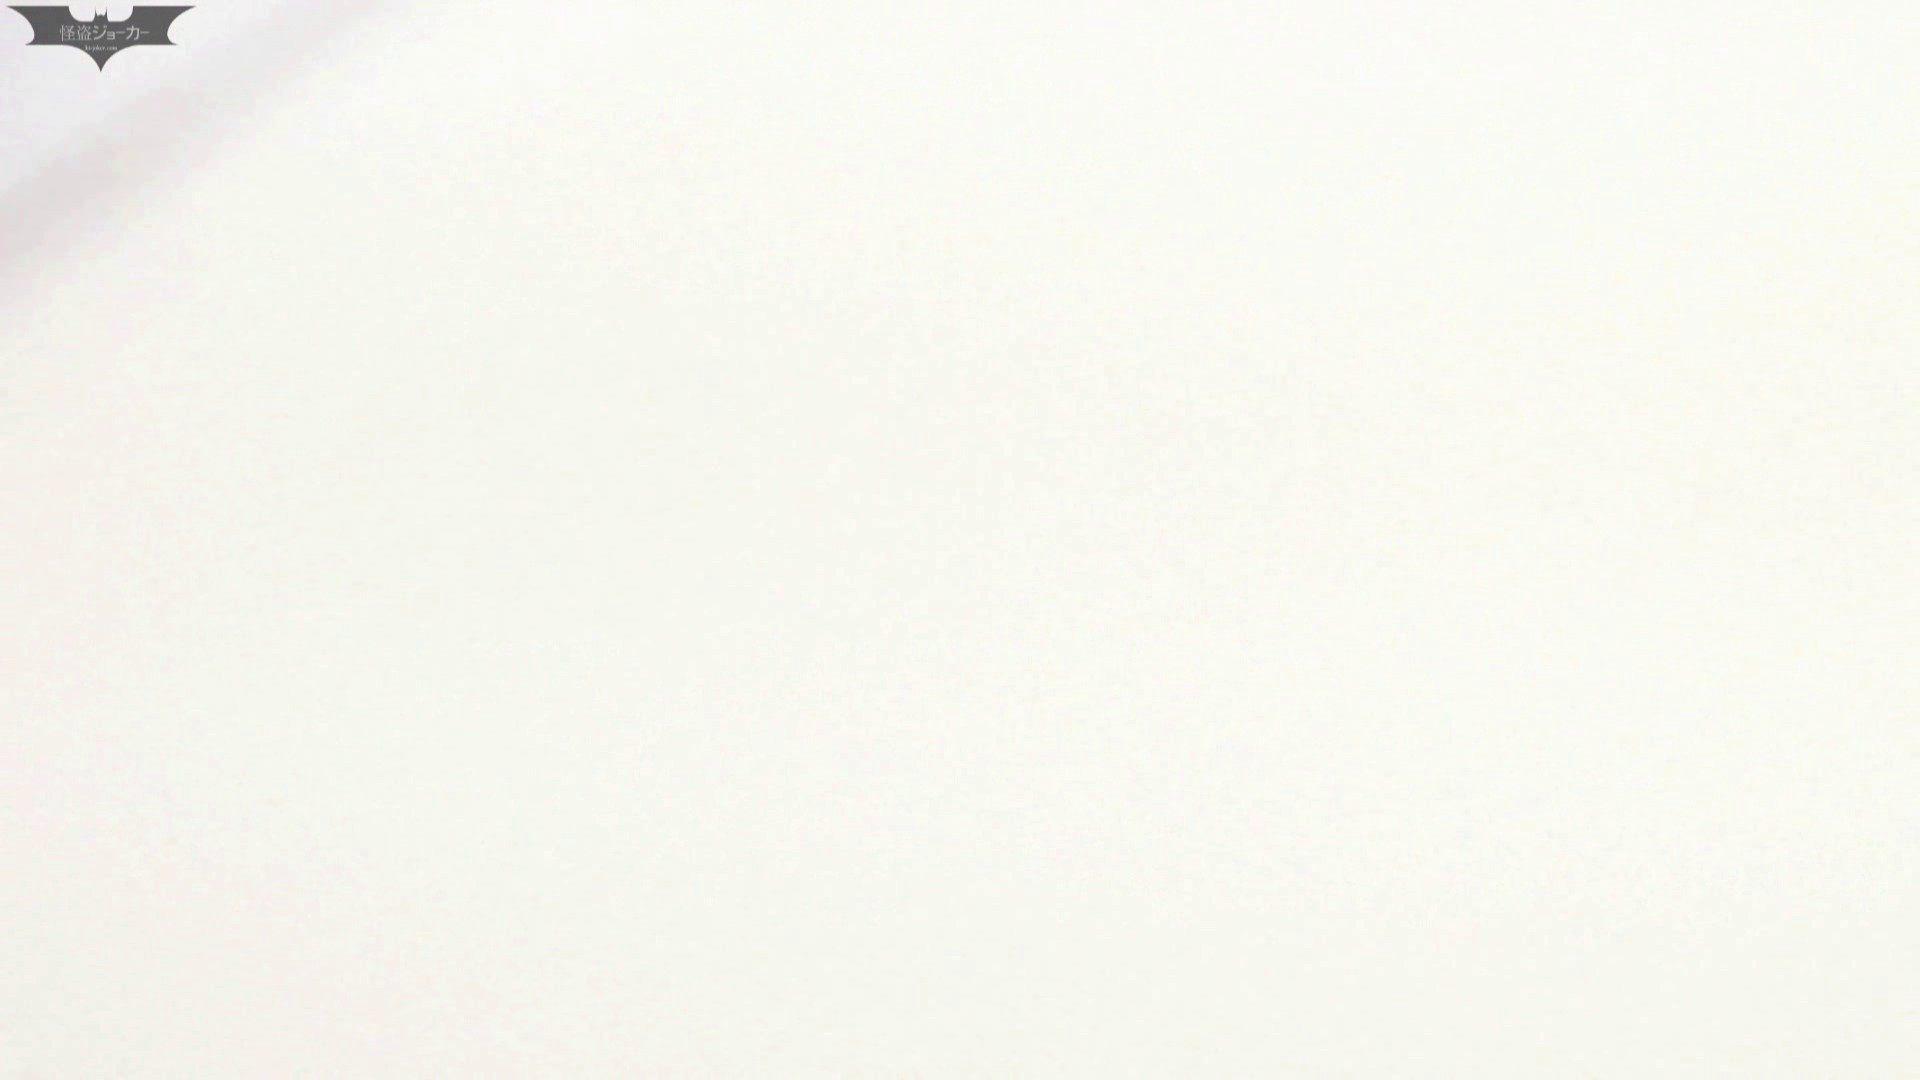 お銀 vol.68 無謀に通路に飛び出て一番明るいフロント撮り実現、見所満載 OL | 美人コレクション  57連発 18